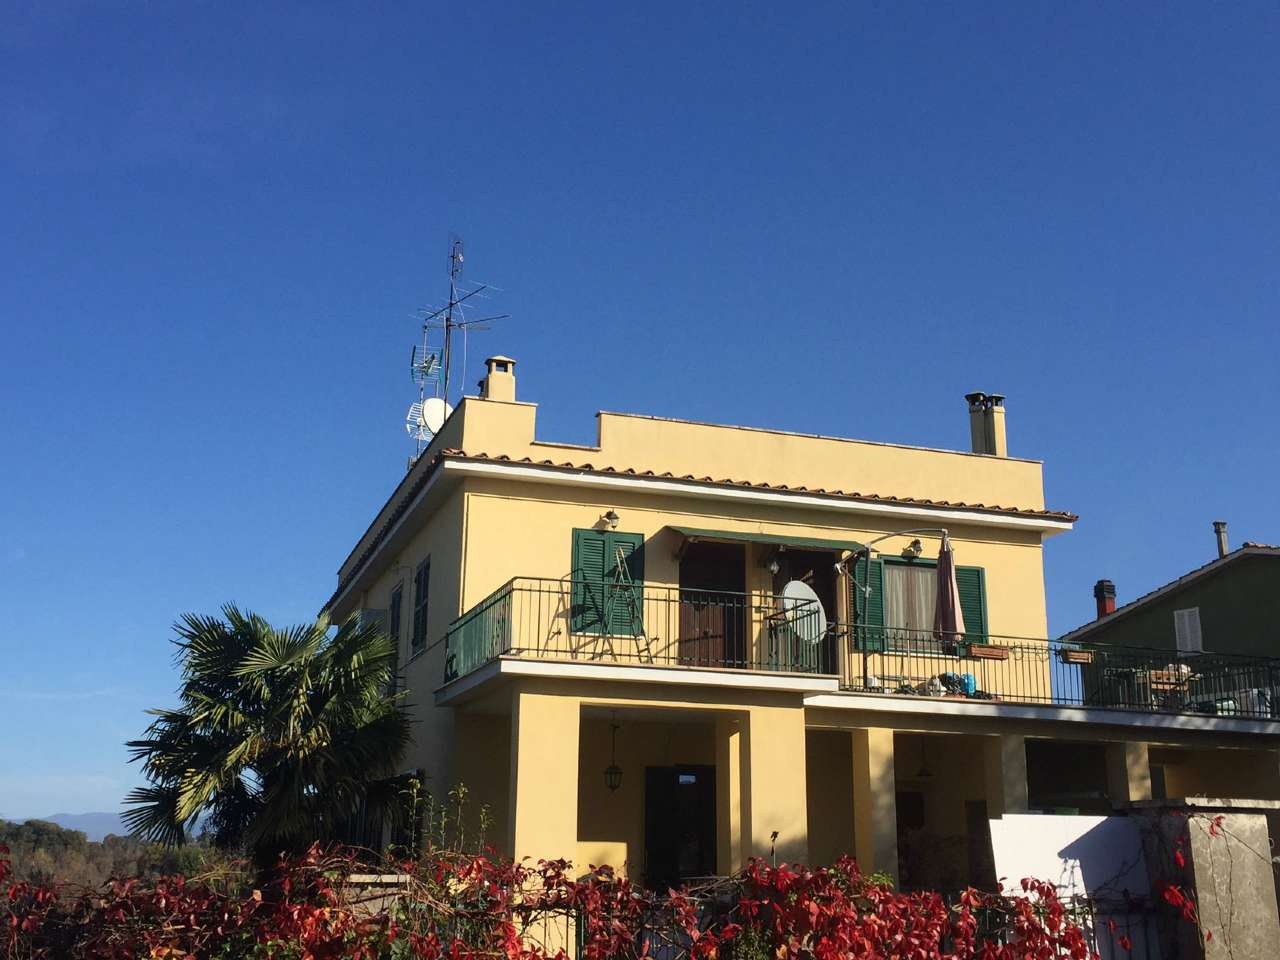 Appartamento in vendita a Civitella San Paolo, 3 locali, prezzo € 65.000 | Cambio Casa.it